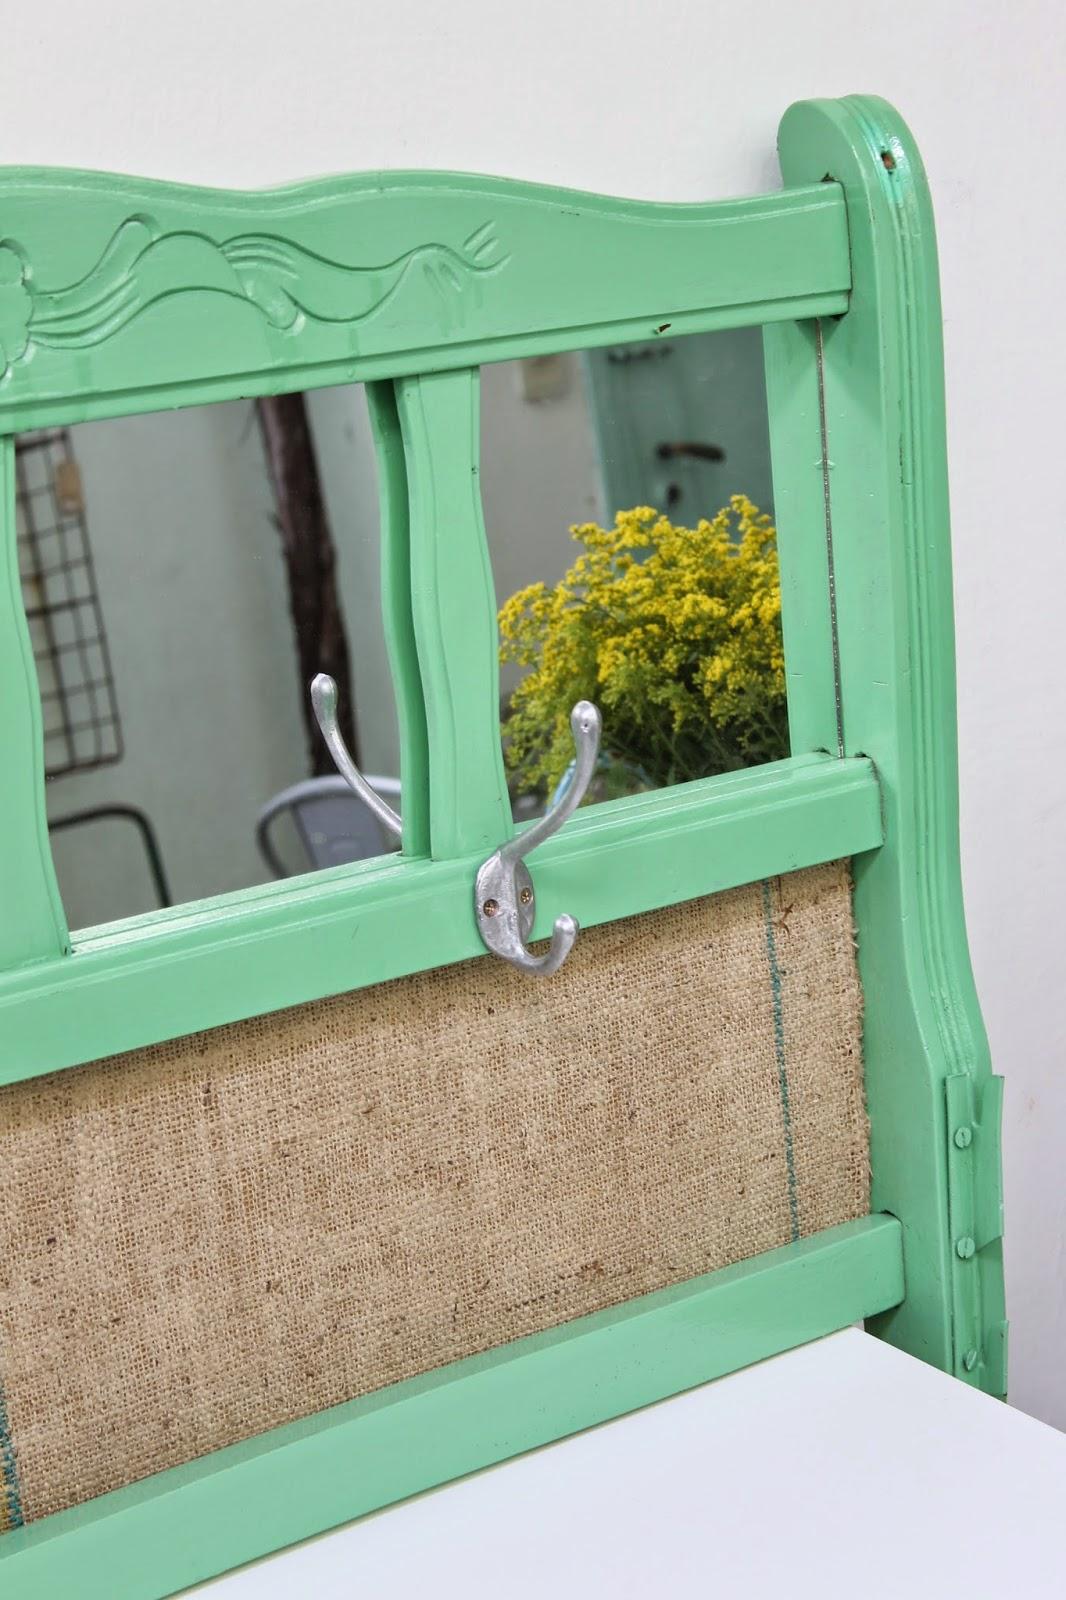 Deco marce tienda perchero de pared for Ganchos para percheros precio